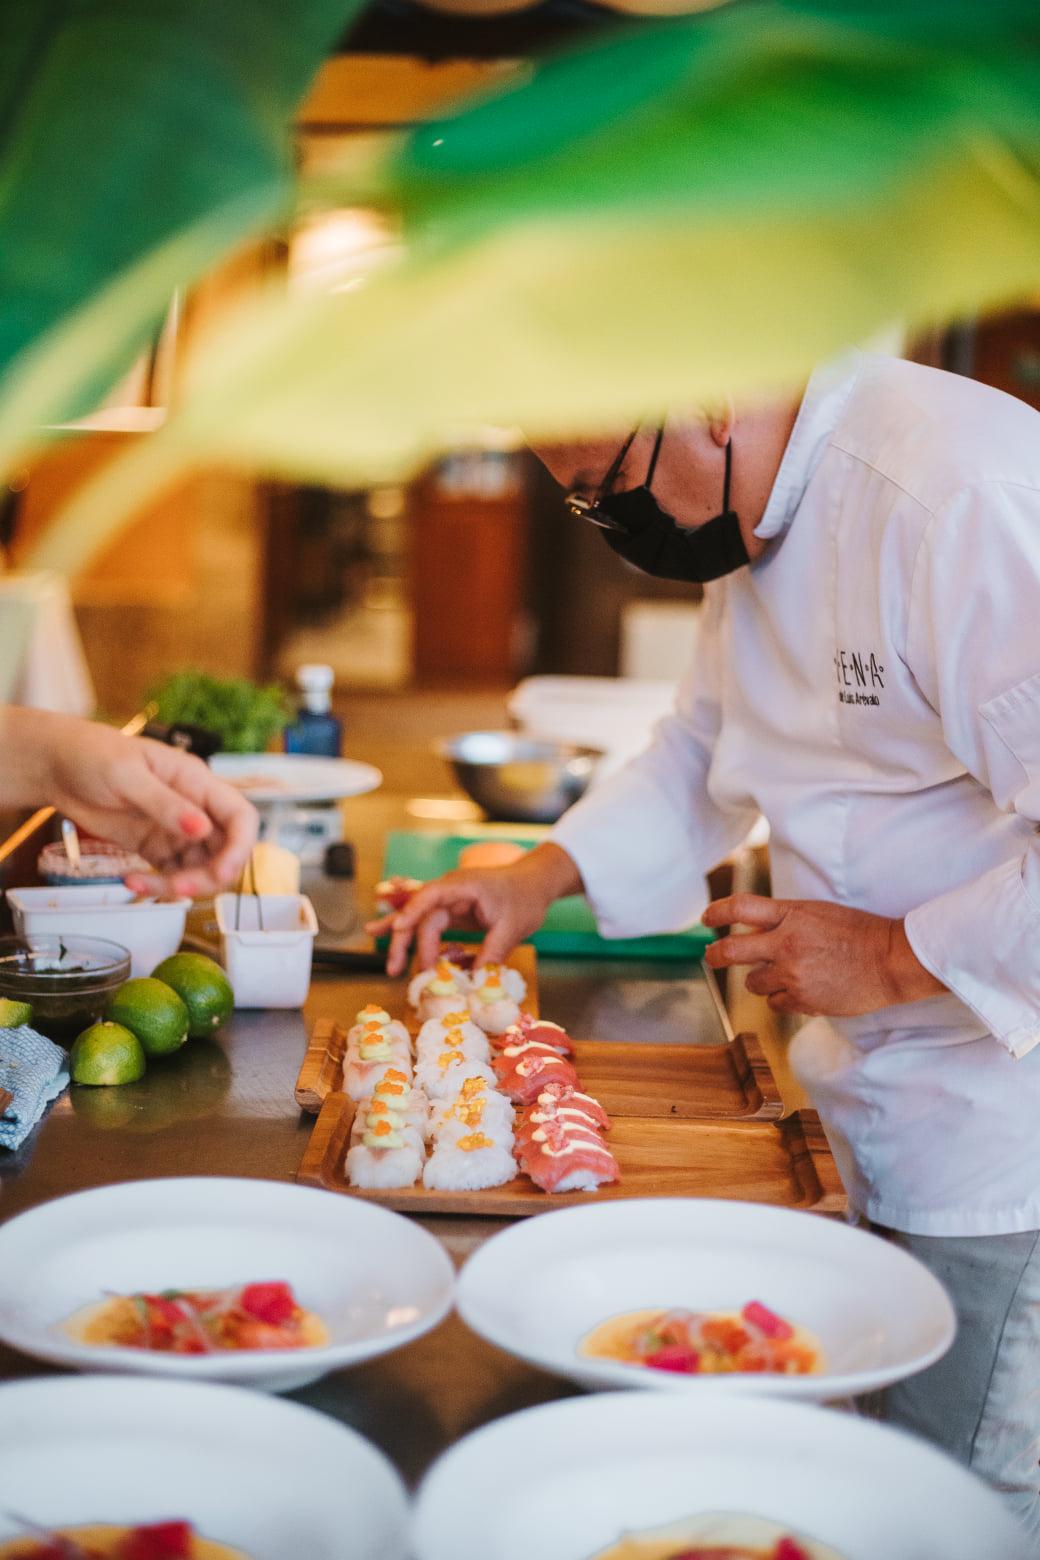 La noche de cocina Nikkei en el restaurante La Violeta, un evento culinario de primer nivel 38